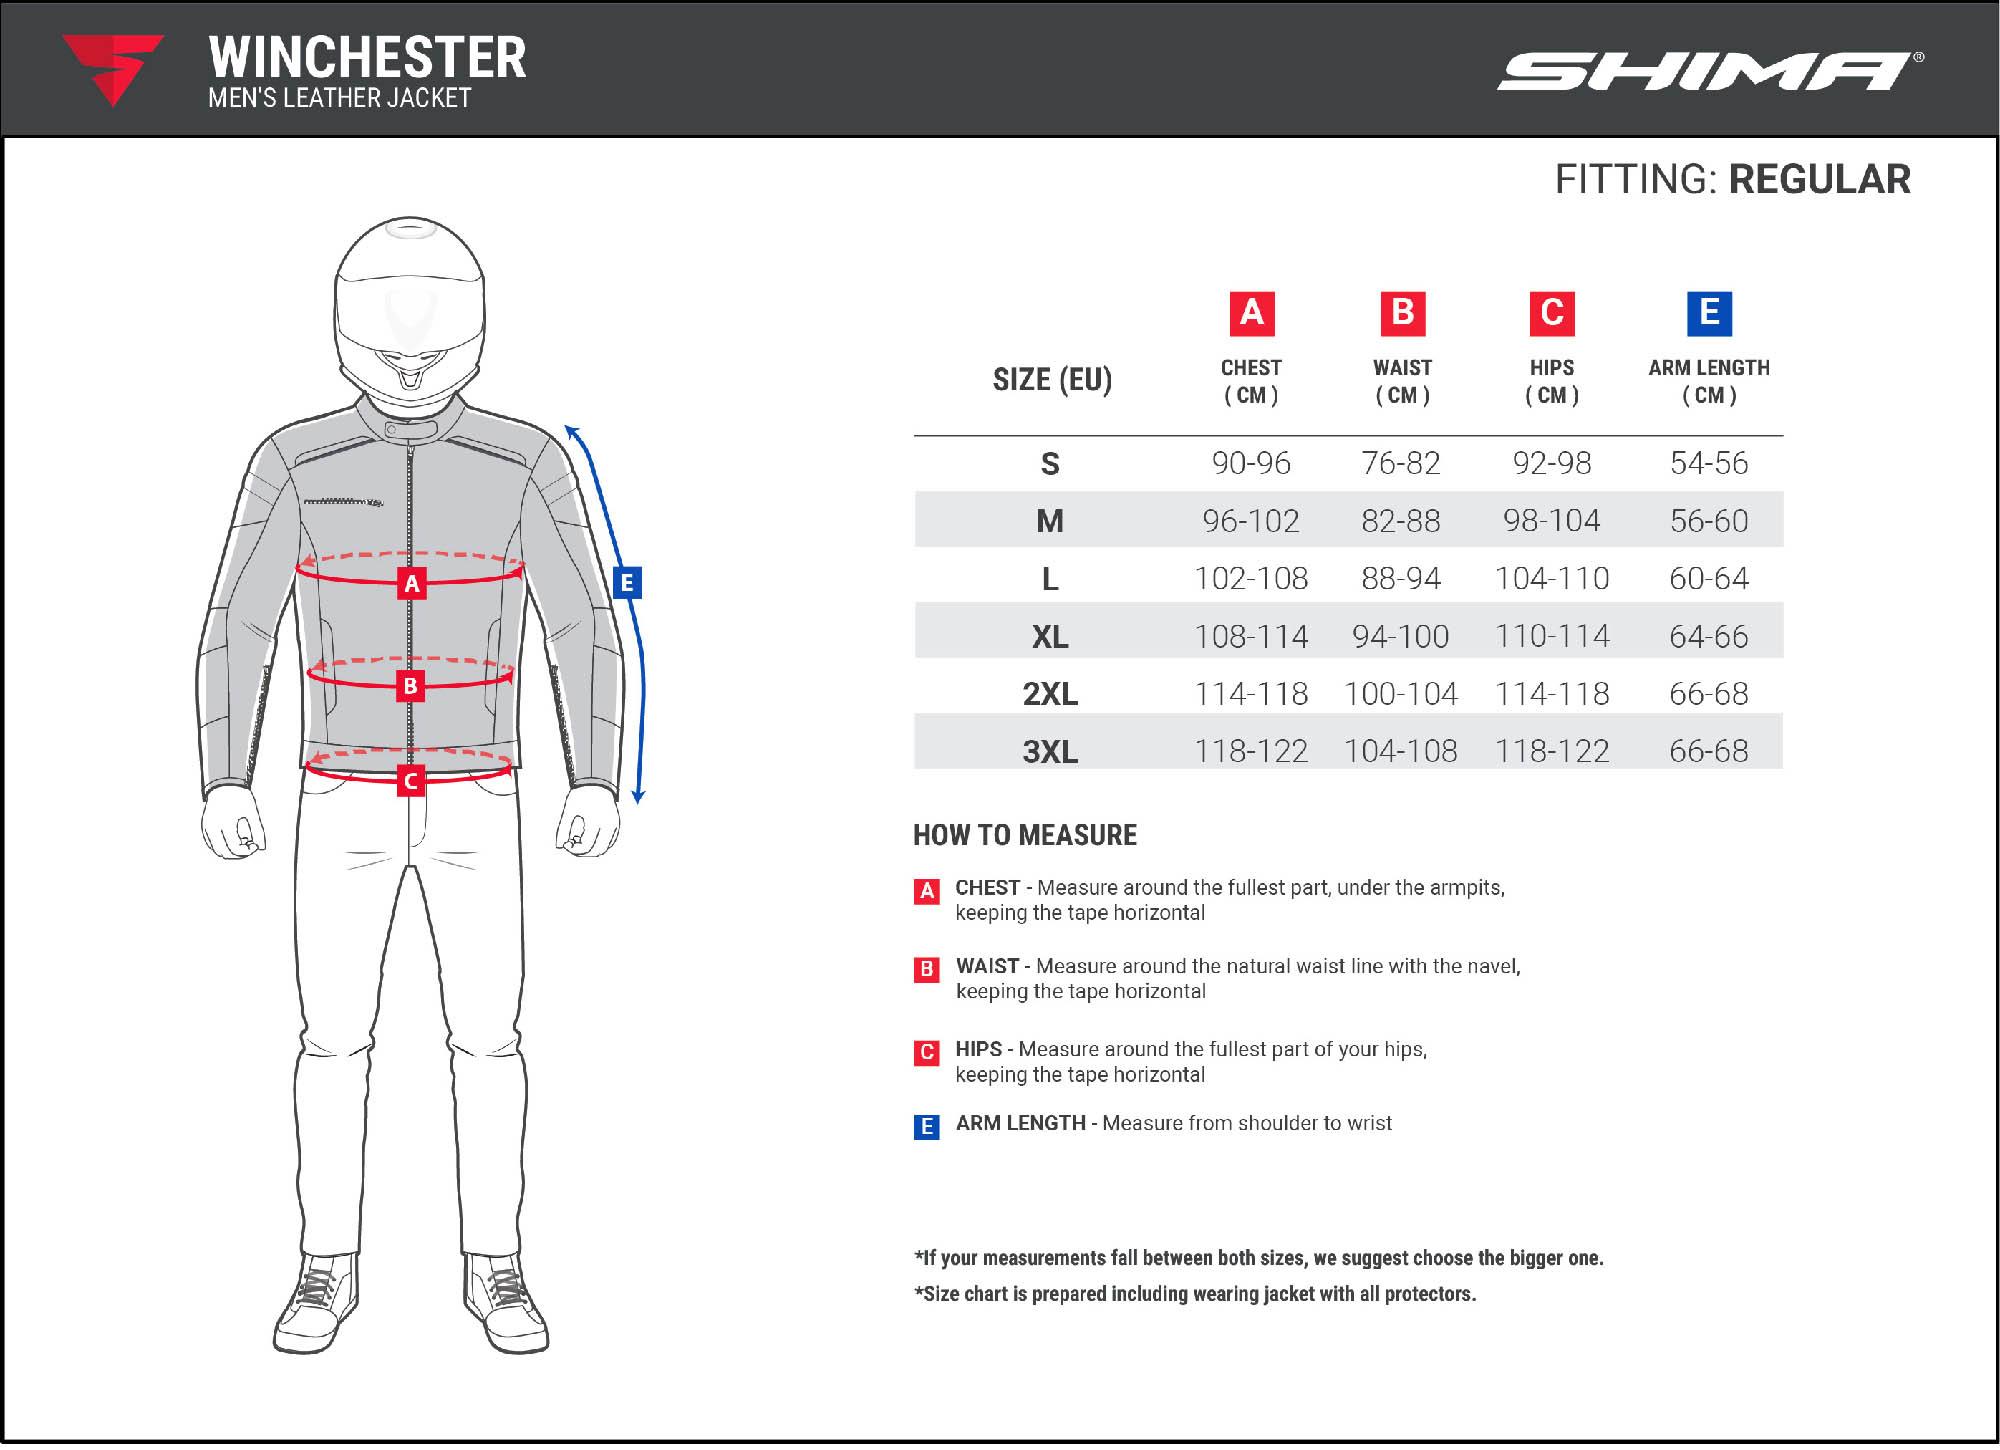 Куртка кожаная SHIMA WINCHESTER классическая для мотоциклистов таблица размеров